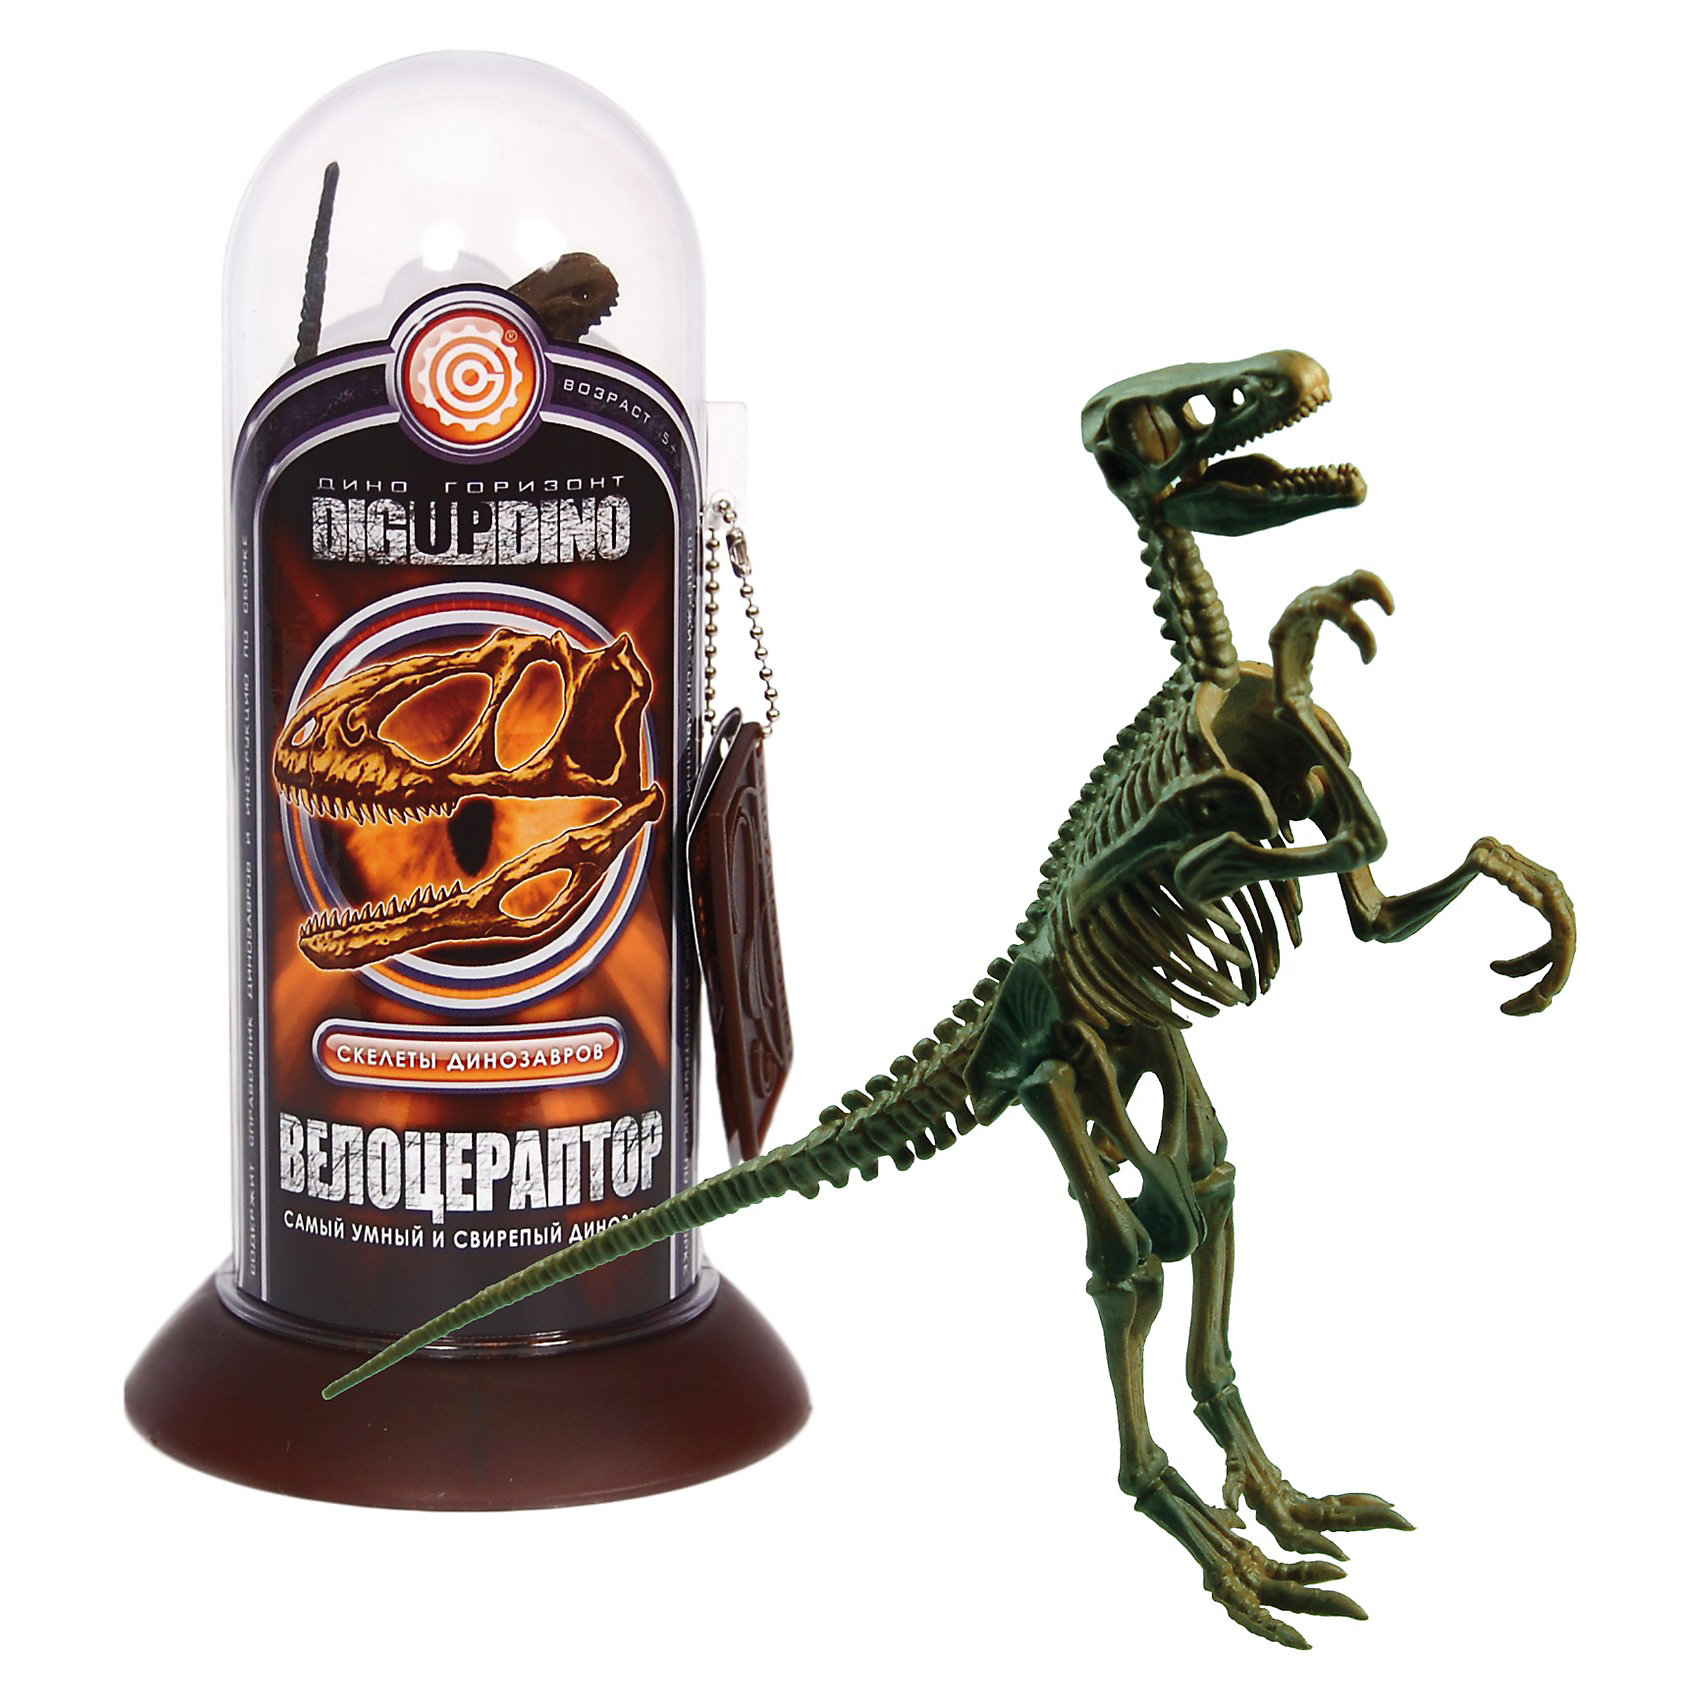 Раскопки: Велоцераптор (Скелет динозавра-быстрого охотника)Профессор Эйн - это серия увлекательных наборов для проведения различных опытов и экспериментов  в домашних условиях. <br><br>С помощью набора Раскопки: Велоцераптор (Скелет динозавра-быстрого охотника) вместе с профессором Эйном Вы можете почувствовать себя настоящим археологом.  Загадочный мир динозавров ведь это так интересно и интригующе! <br>  В наборе уменьшенная копия динозавра Велоцераптора — это  хищный двуногий динозавр, существовавший в позднем меловом периоде 83-70 млн. лет назад. <br> <br>Наглядная модель скелета доисторического существа Трицератопса, полностью даст представление о его строении.<br><br>Соберите коллекцию из динозавров и почувствуйте себя настоящим исследователем древности. <br><br>Набор содержит справочник Профессора Эйна из останков динозавров.<br><br>Размеры: 9 х 18 х 9 см<br><br>Раскопки: Велоцераптор (Скелет динозавра-быстрого охотника)  - можно купить в нашем интернет магазине.<br><br>Ширина мм: 90<br>Глубина мм: 90<br>Высота мм: 175<br>Вес г: 130<br>Возраст от месяцев: 60<br>Возраст до месяцев: 144<br>Пол: Мужской<br>Возраст: Детский<br>SKU: 3344330